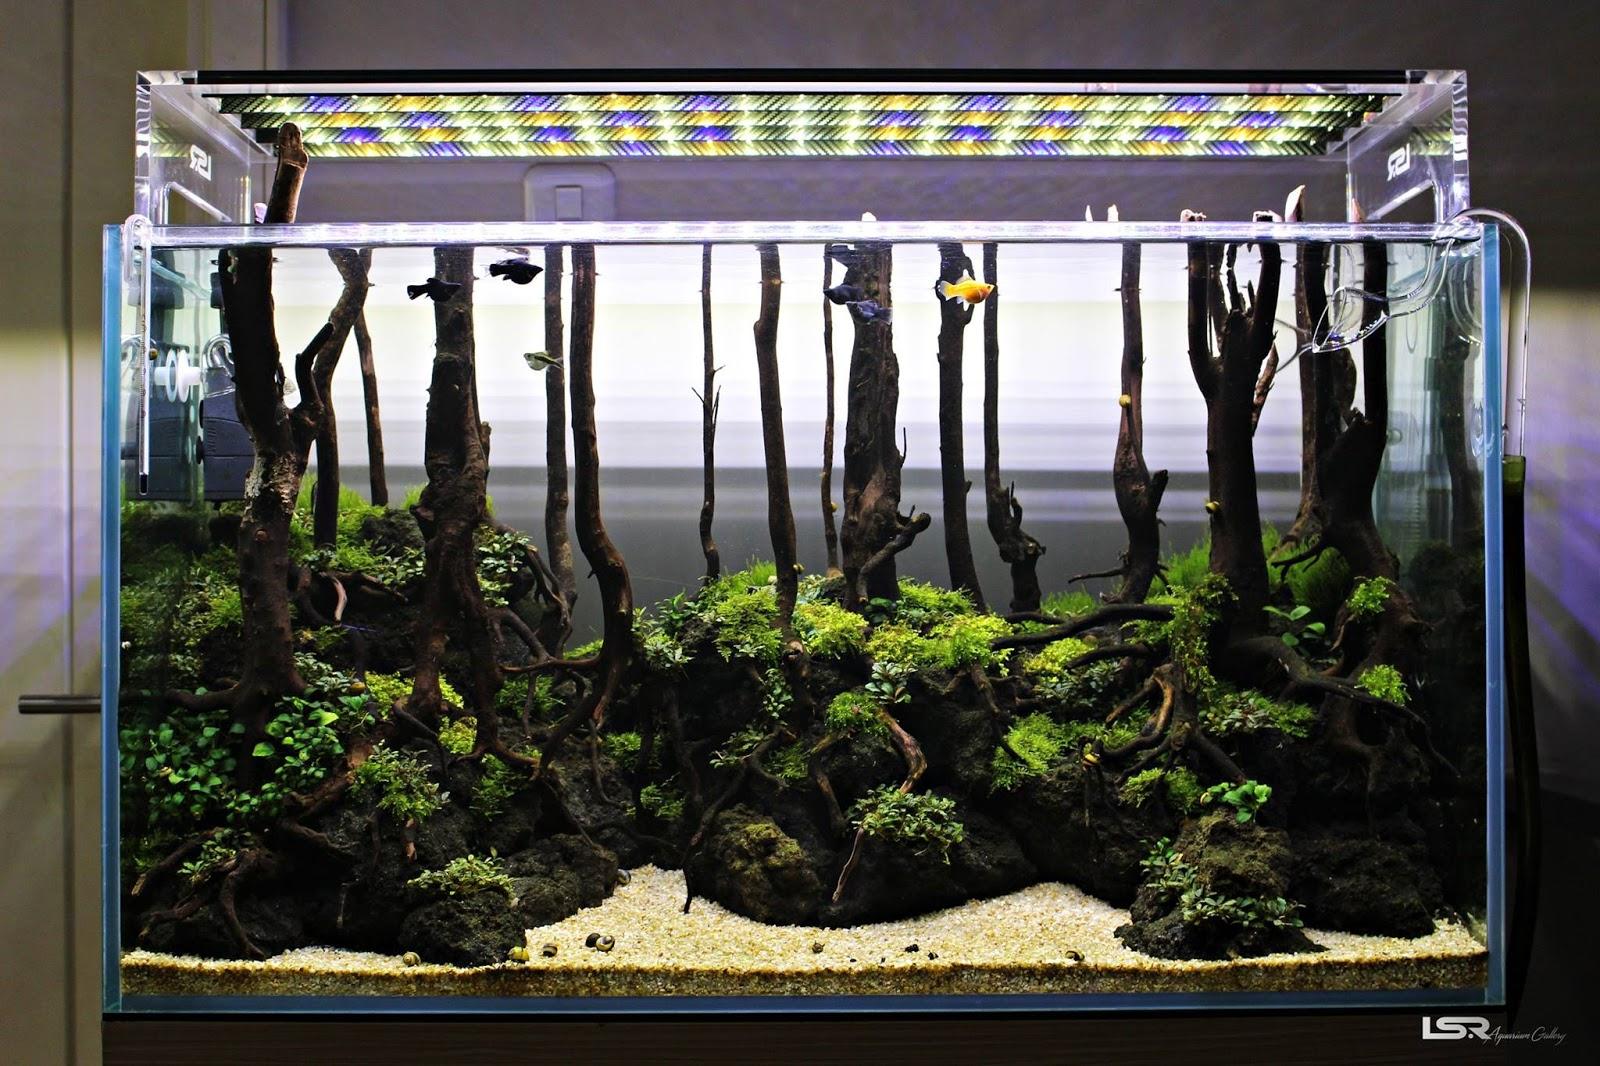 Bể thủy sinh phong cách rừng dùng lũa thẳng - Marcell Prikitiiw